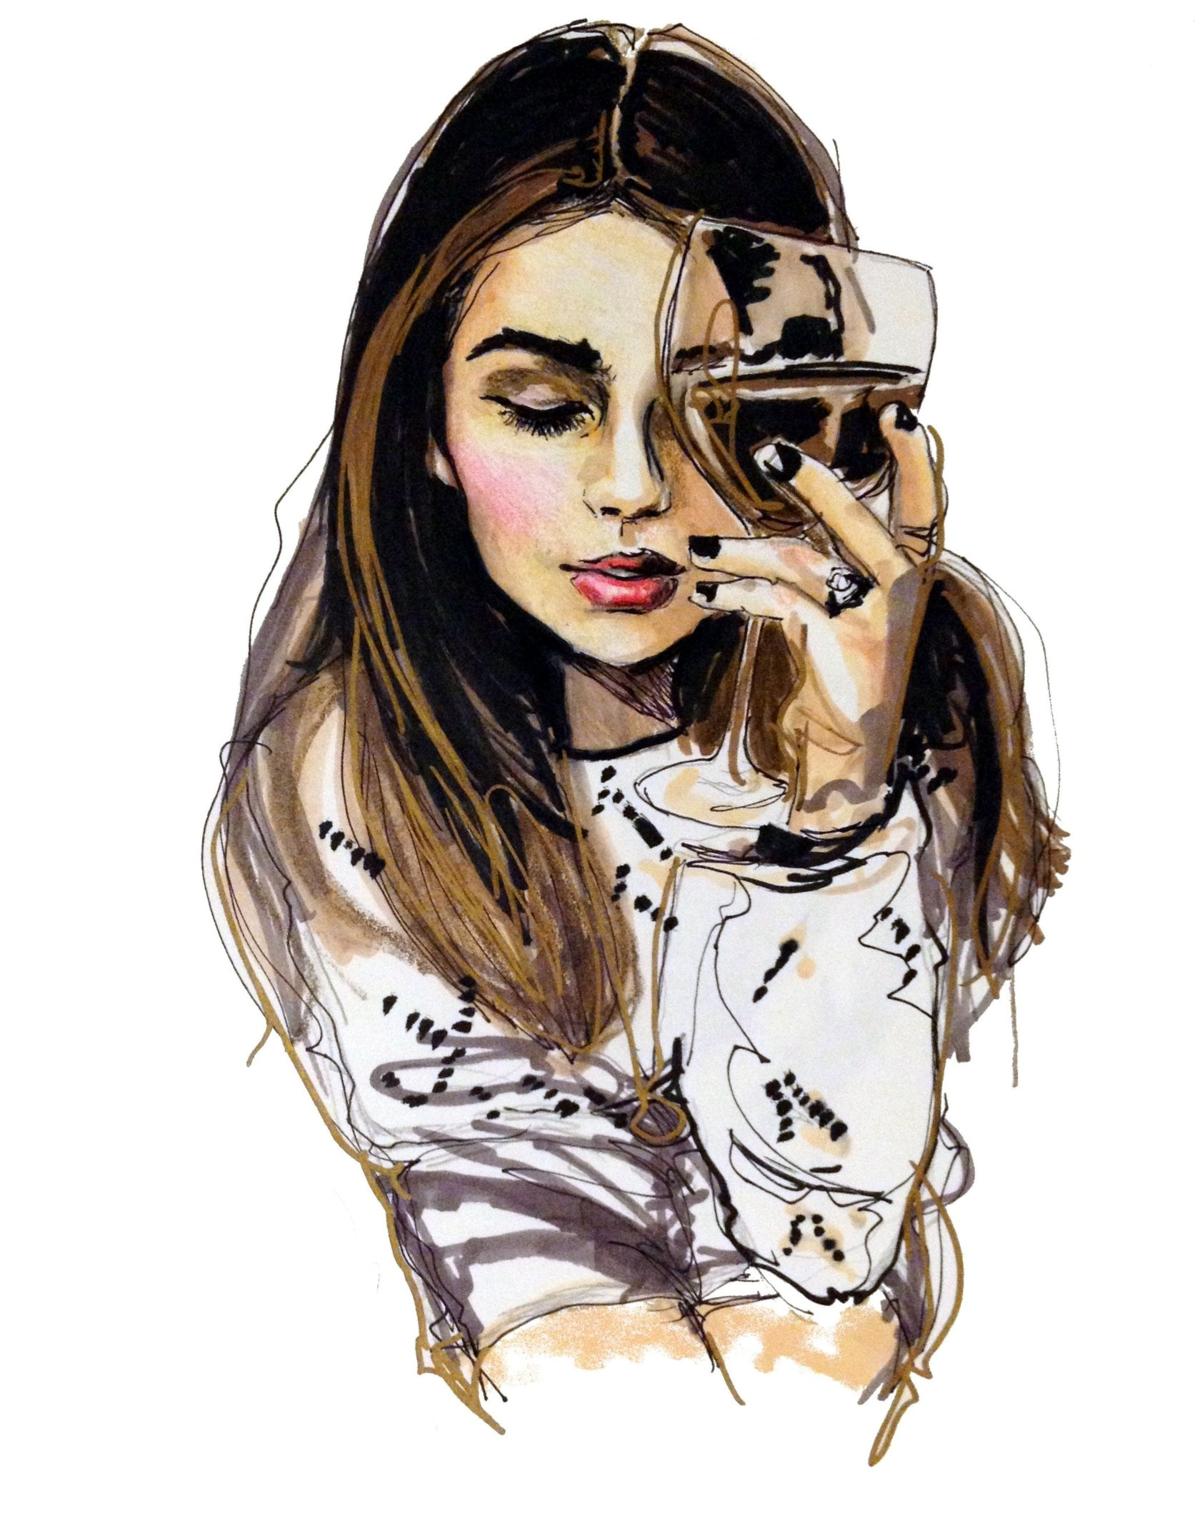 Картинки красивые с девушками нарисованные, картинки про